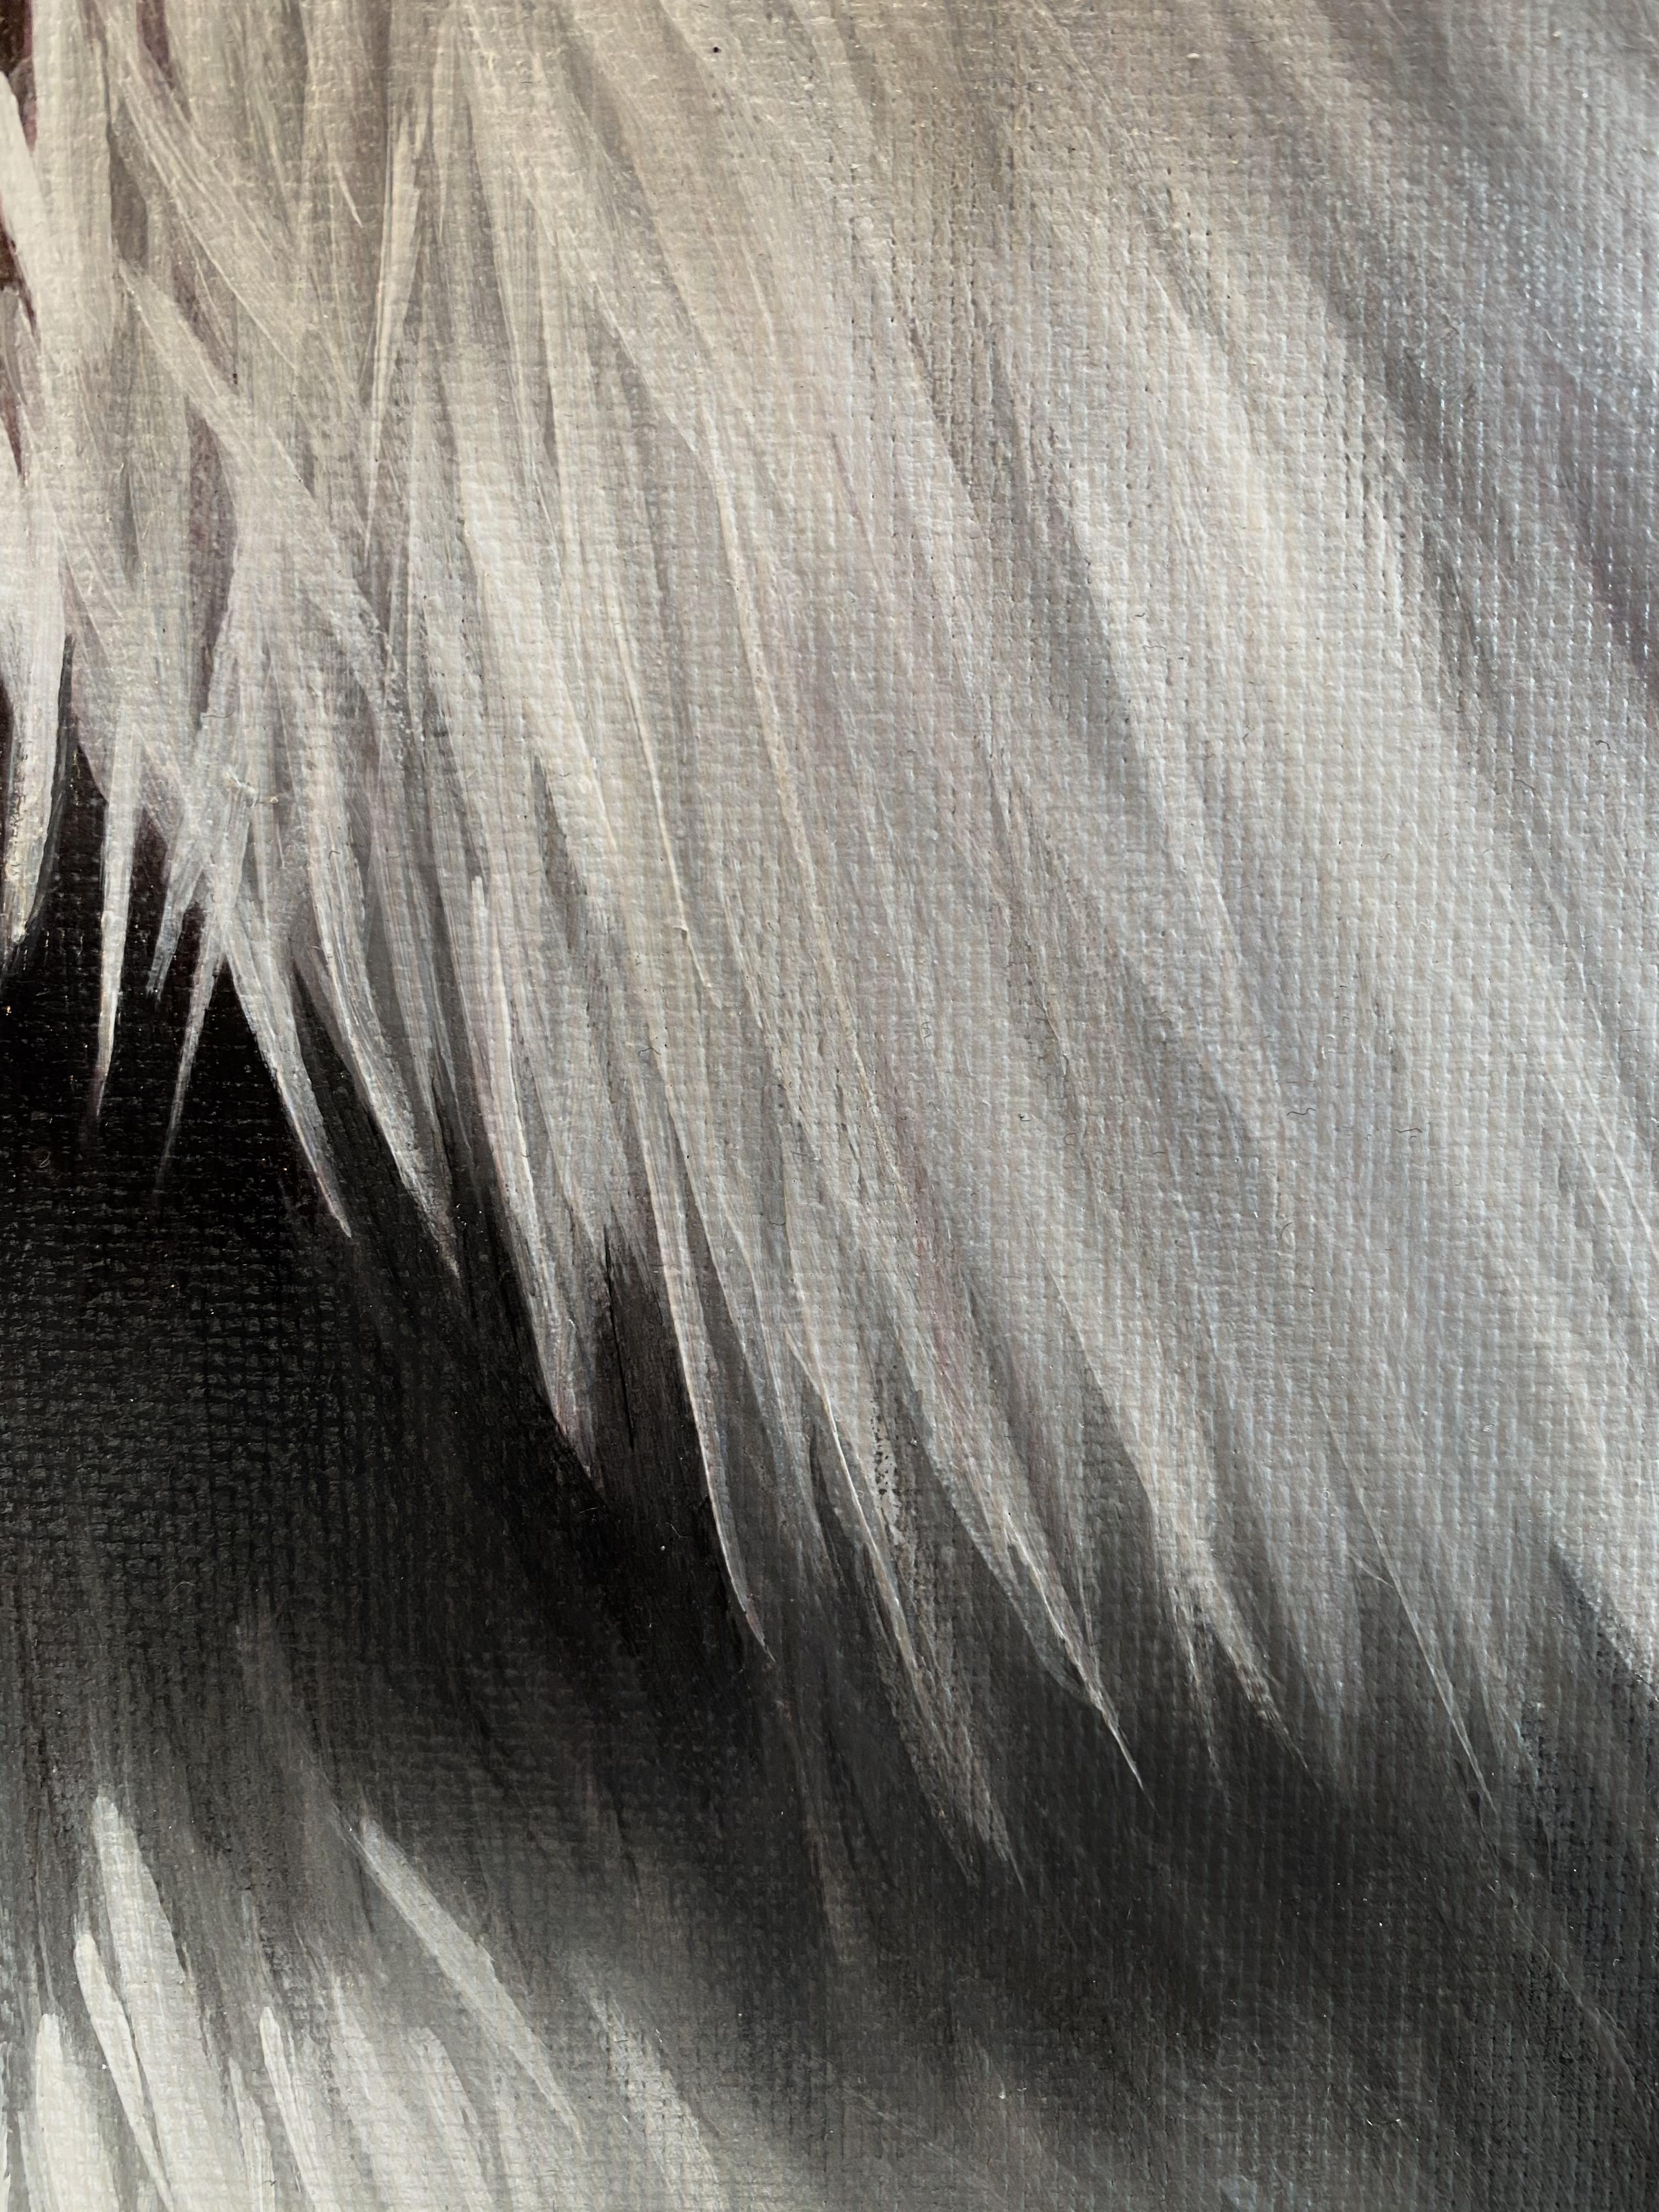 Nose (detail)